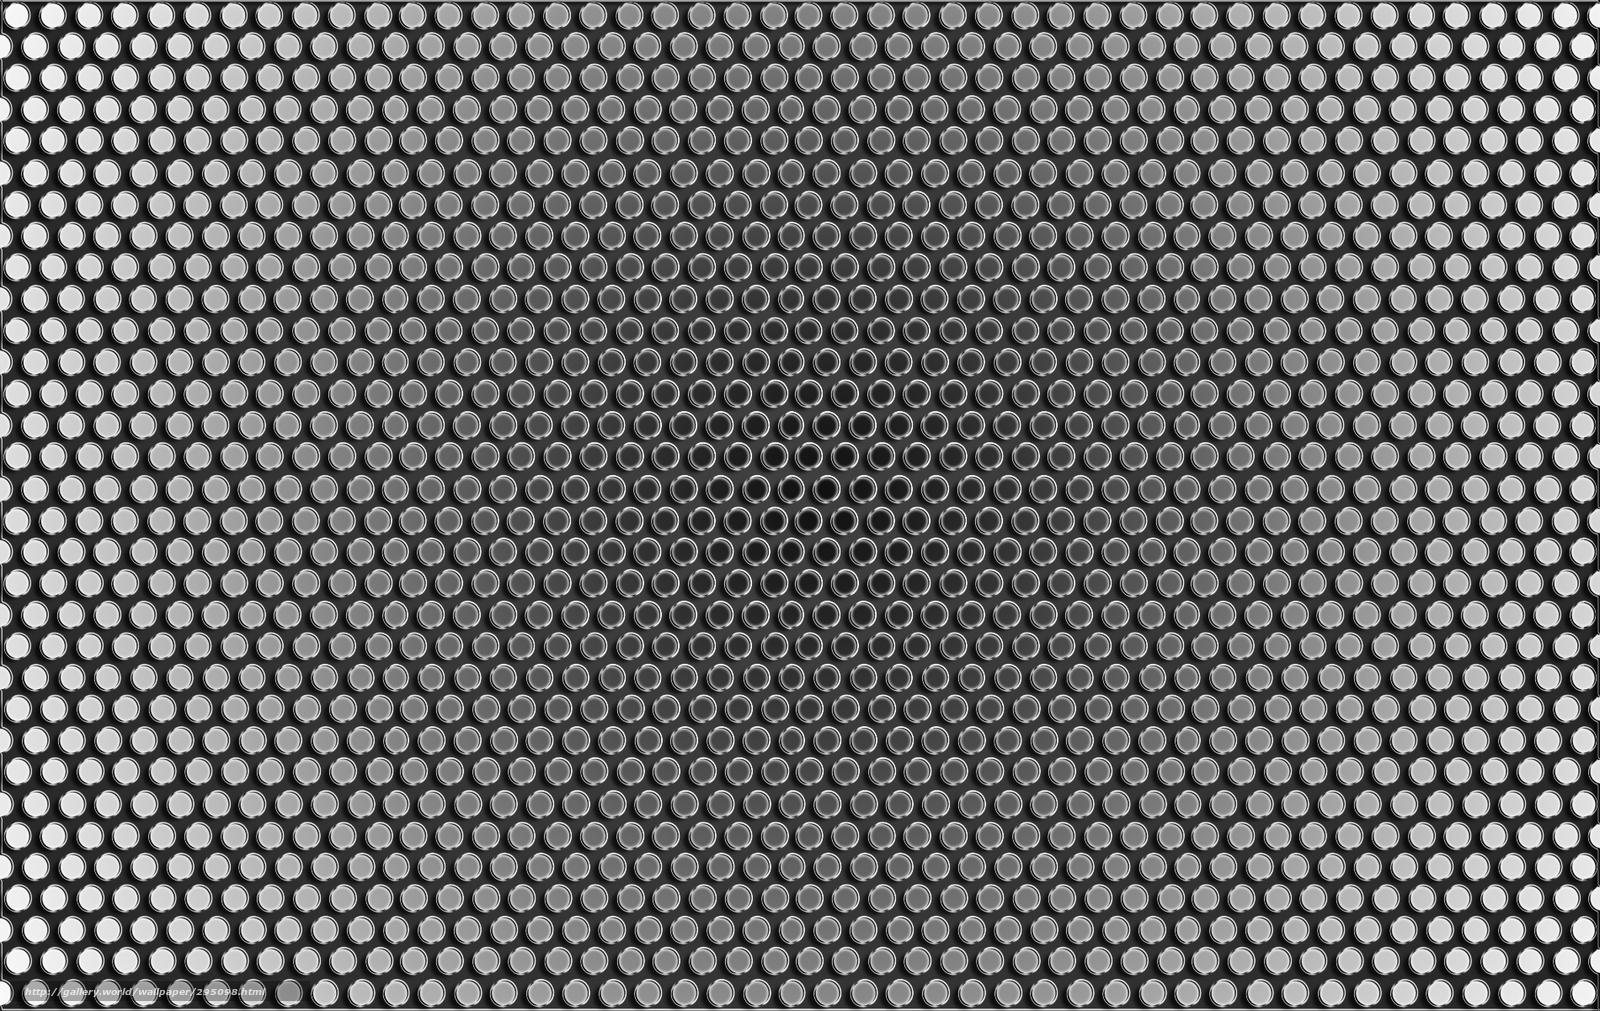 Текстура металл - 108